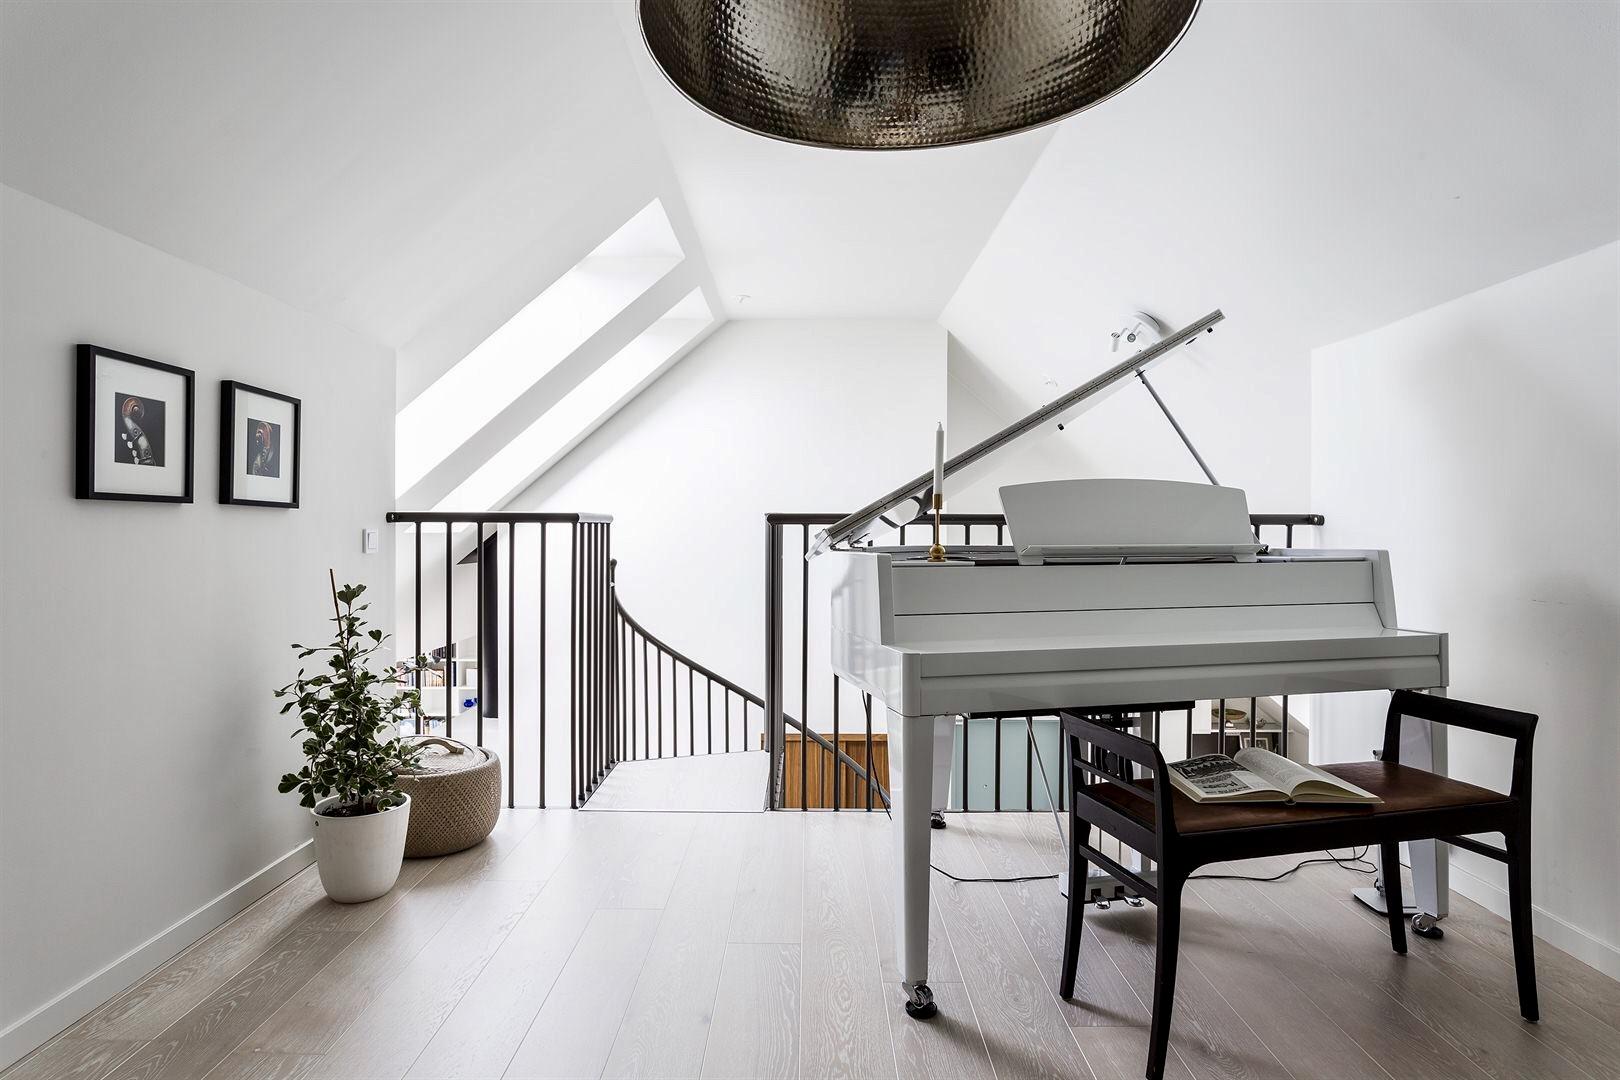 двухуровневая квартира второй уровень лестница рояль